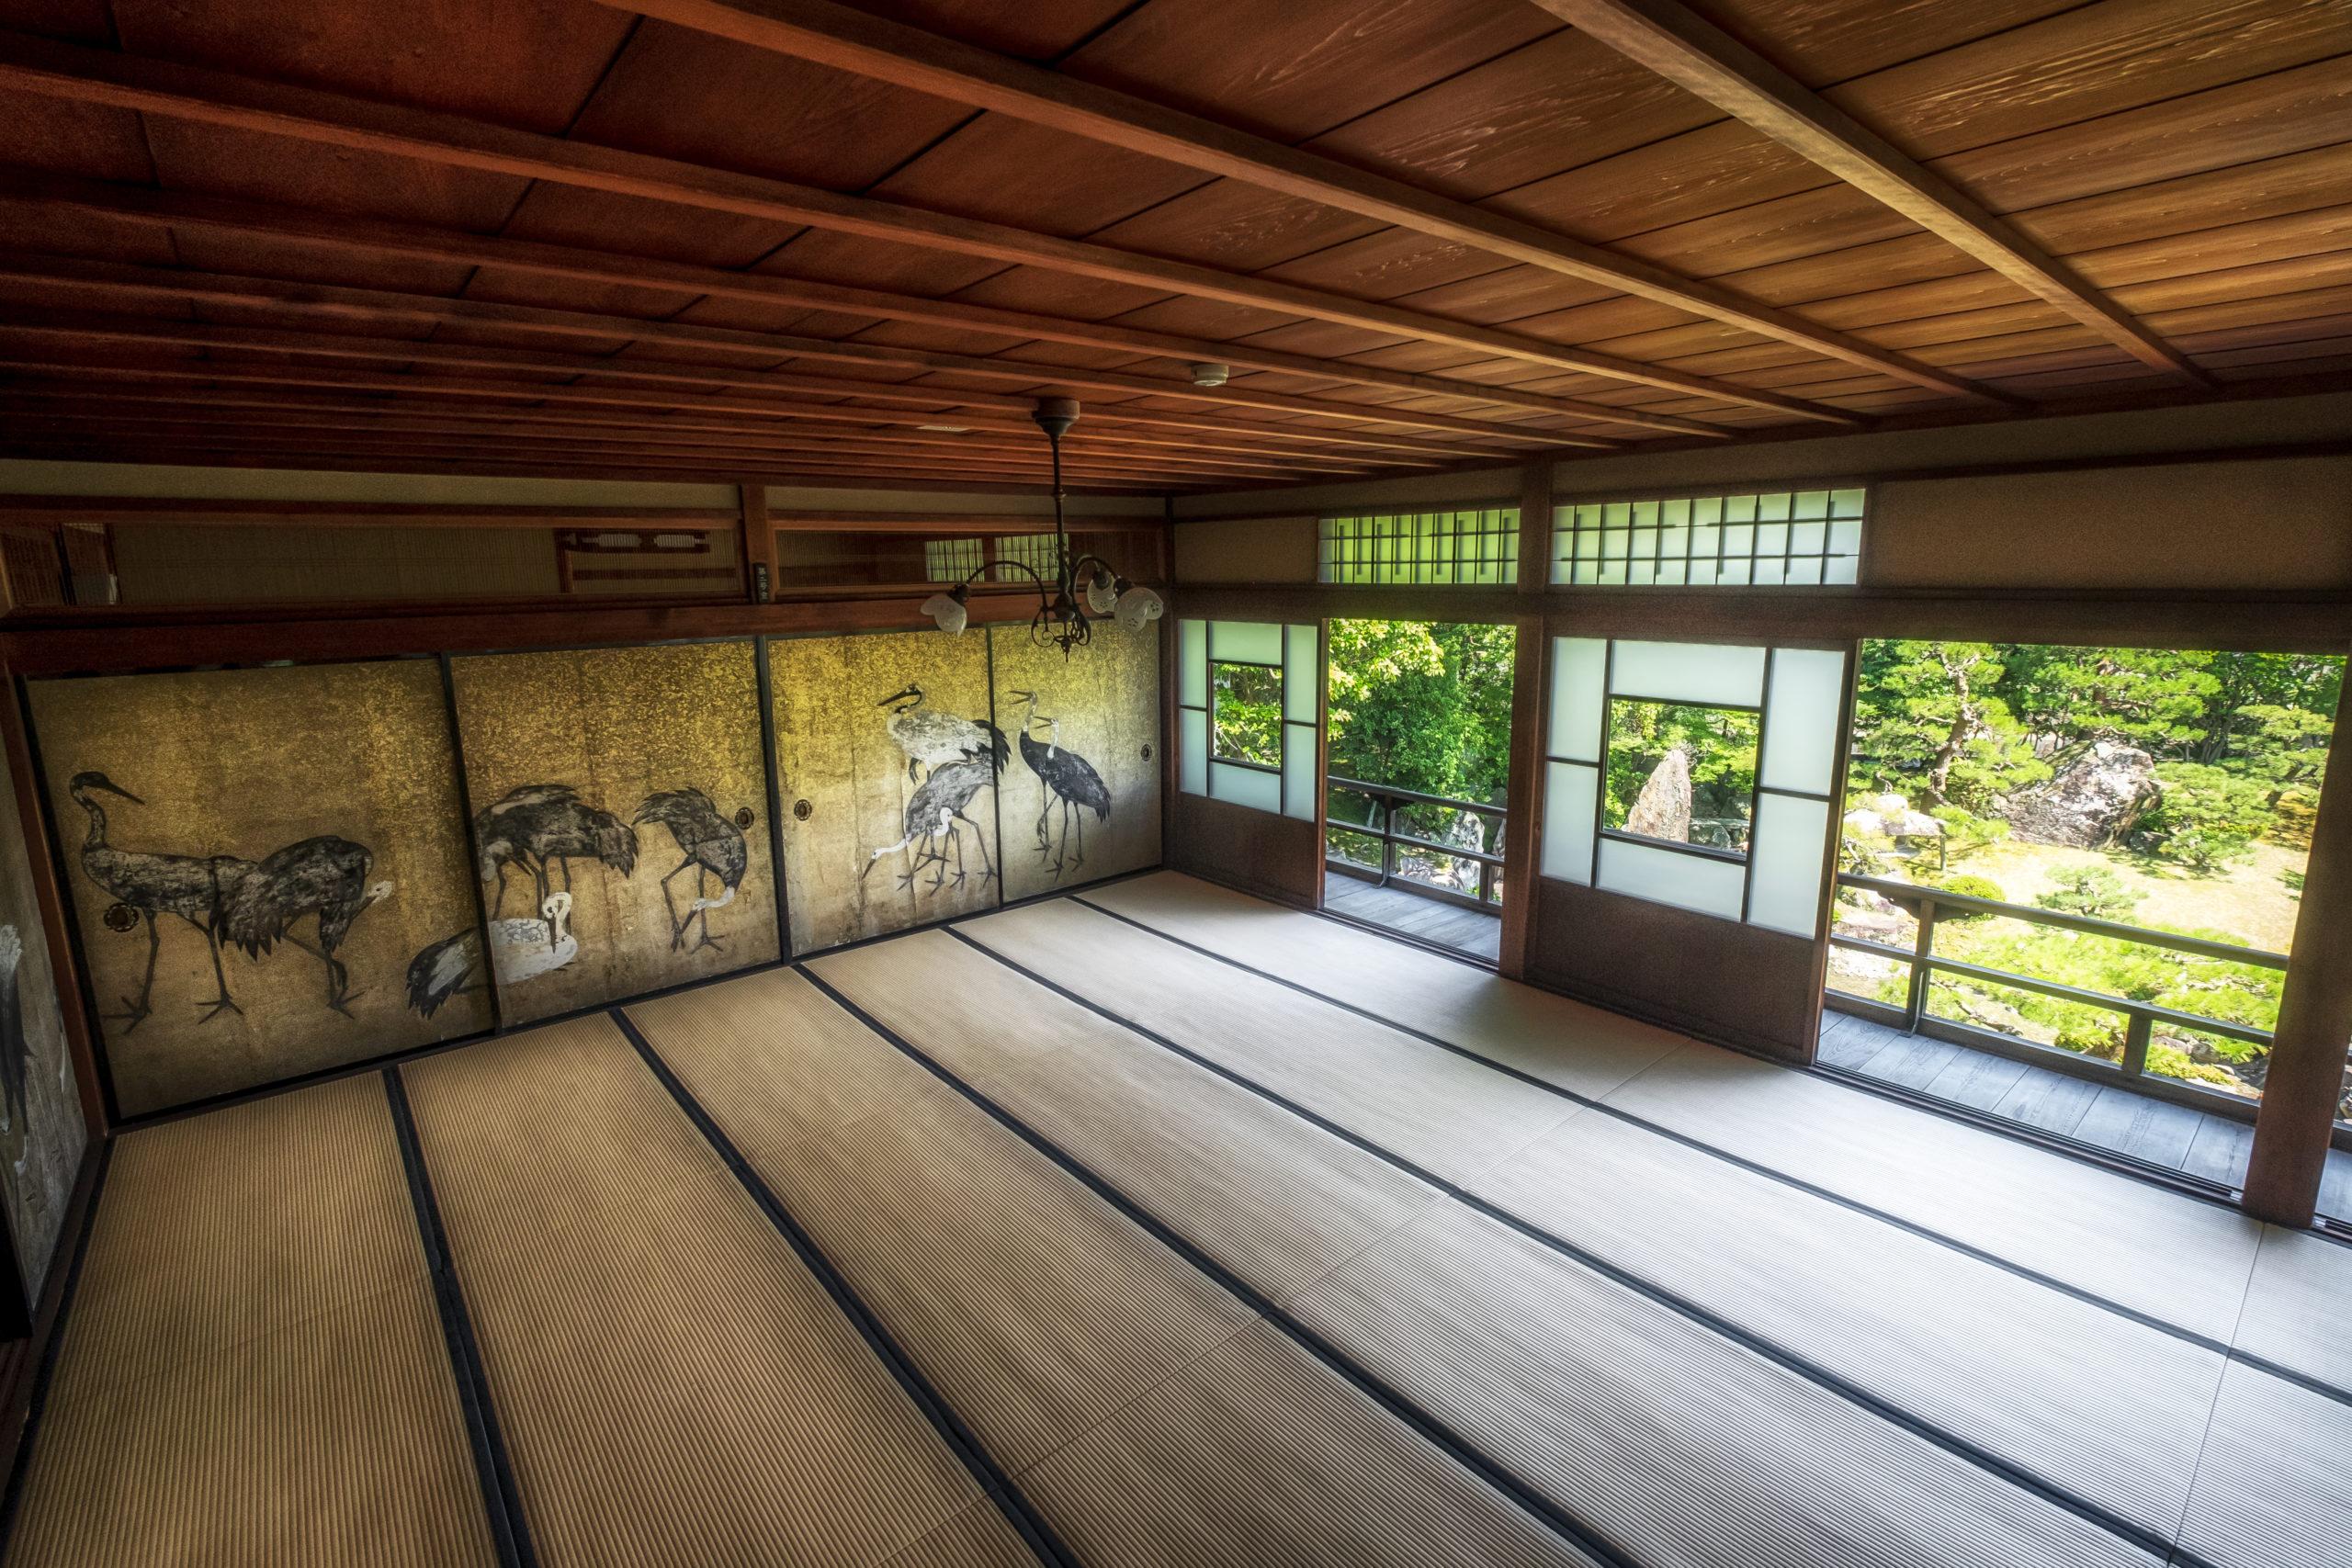 慶雲館(滋賀県長浜市)| 施設内観撮影の画像